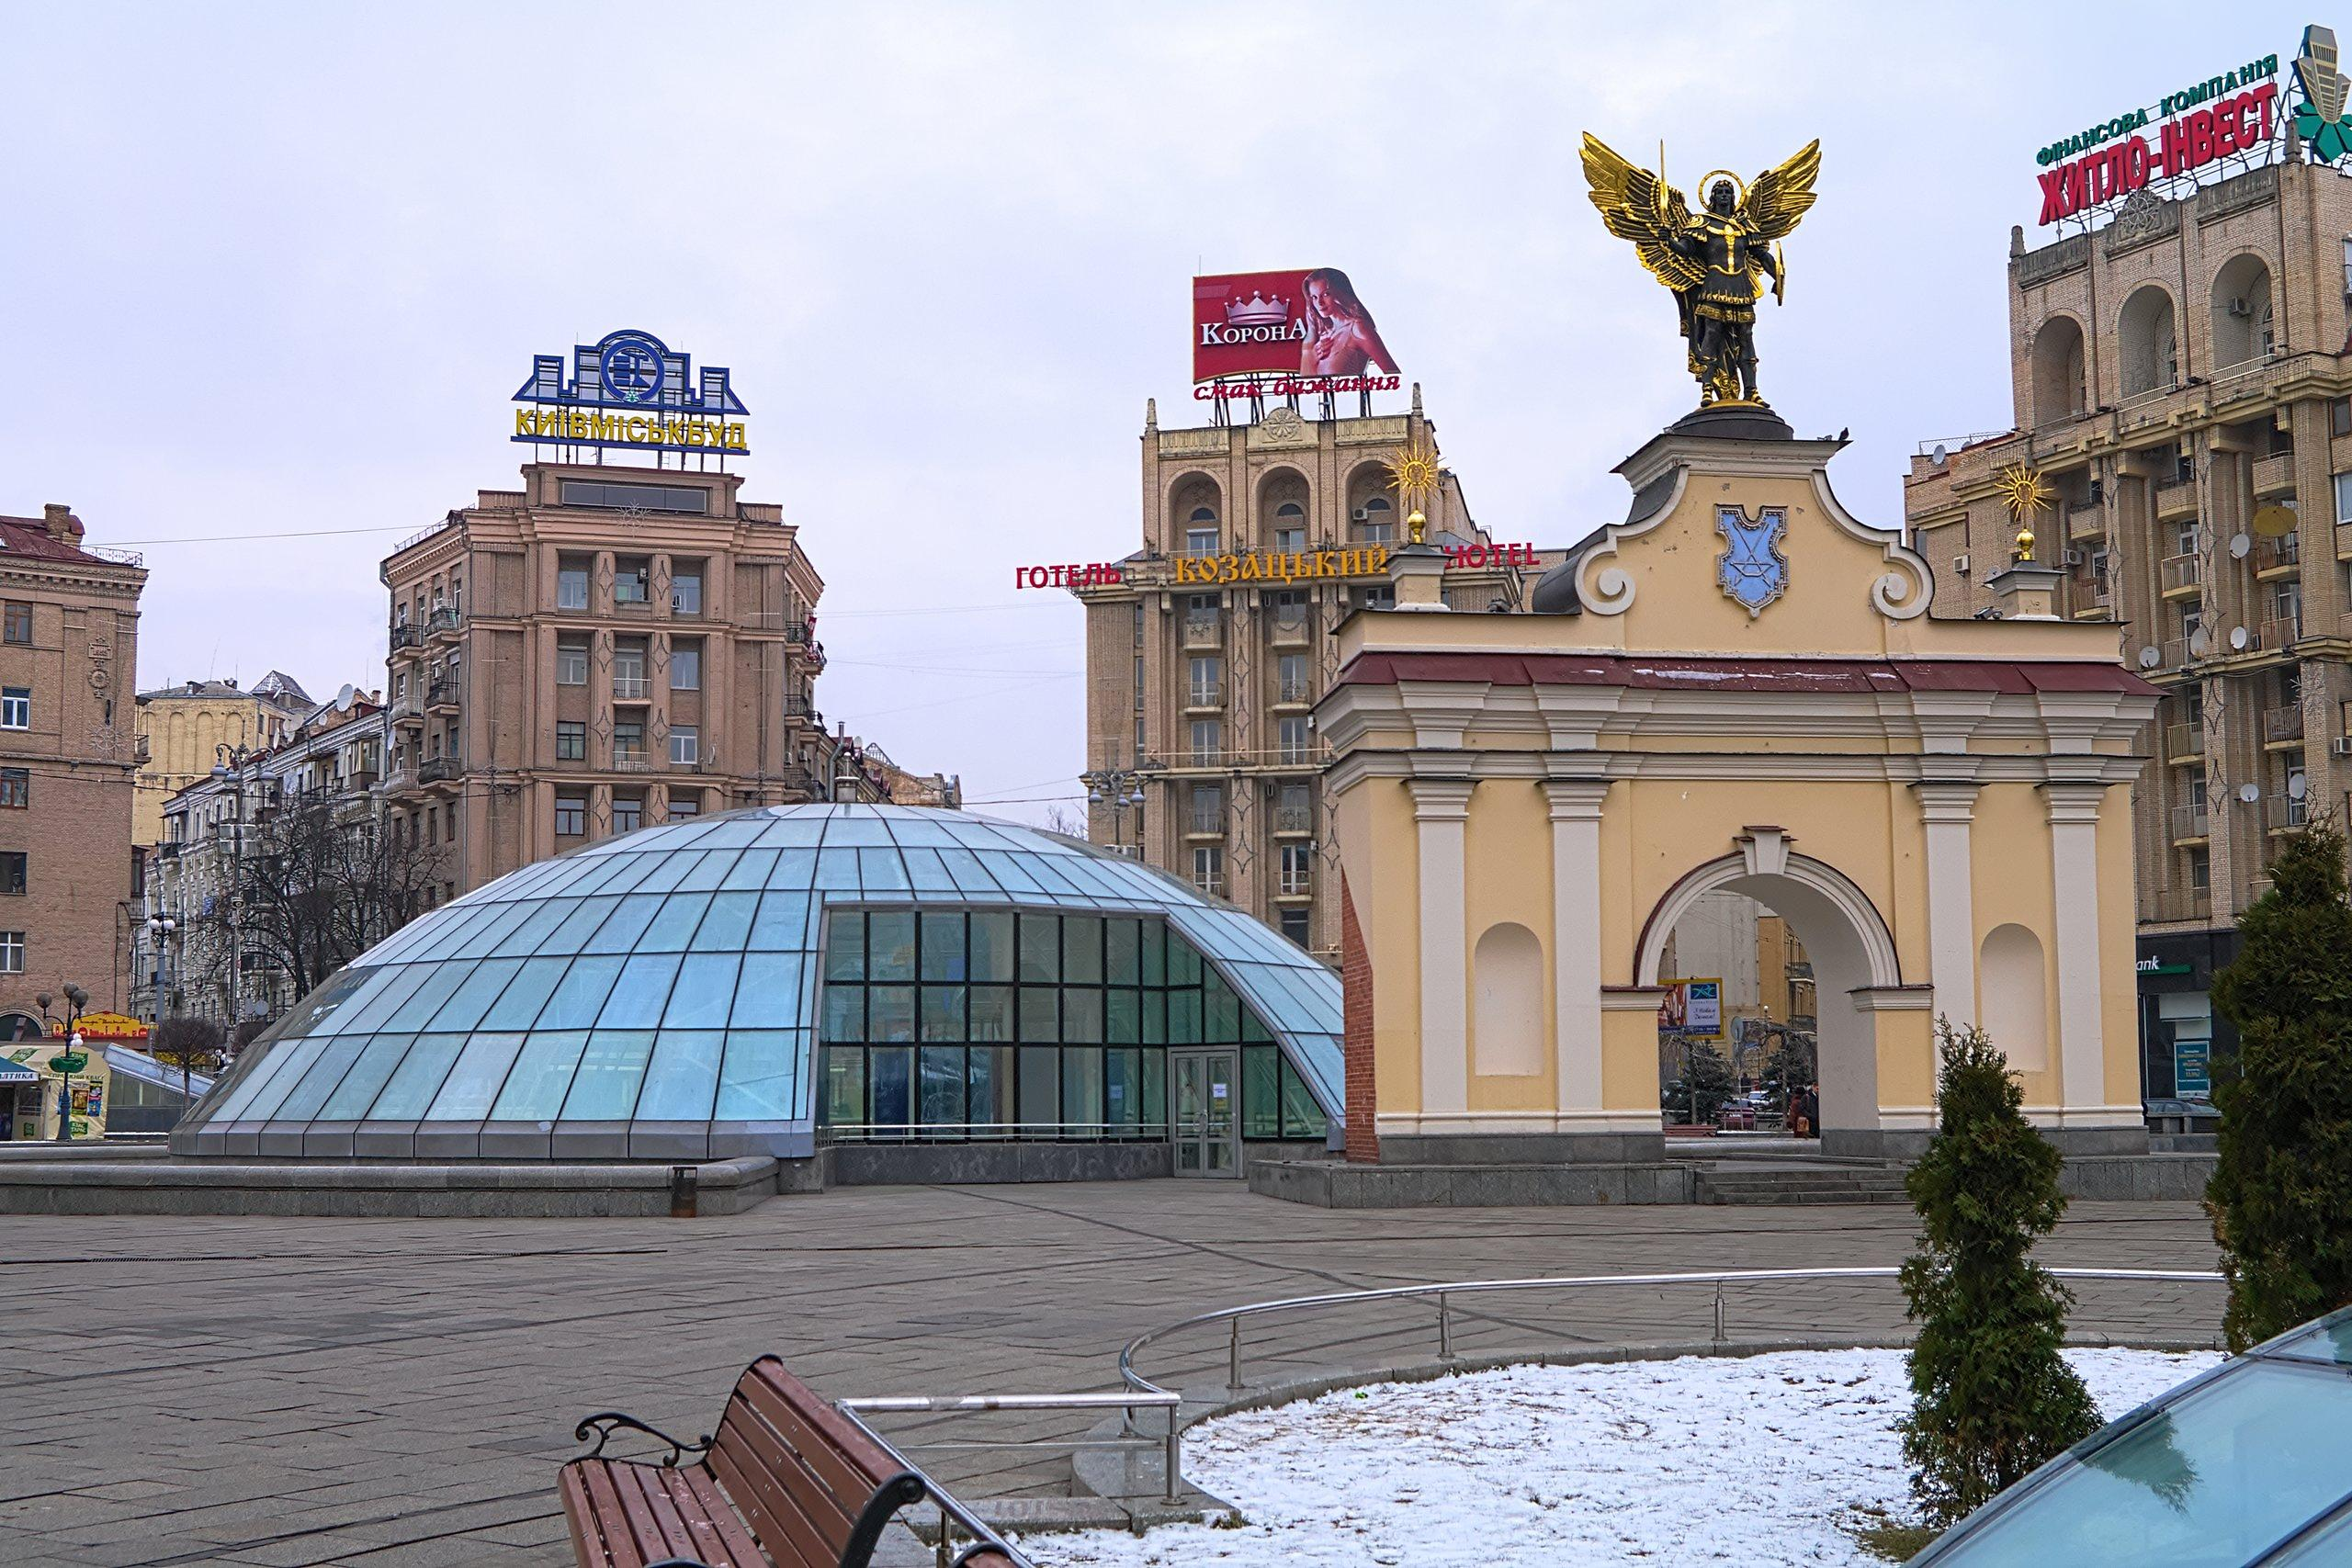 Downtown Kiev